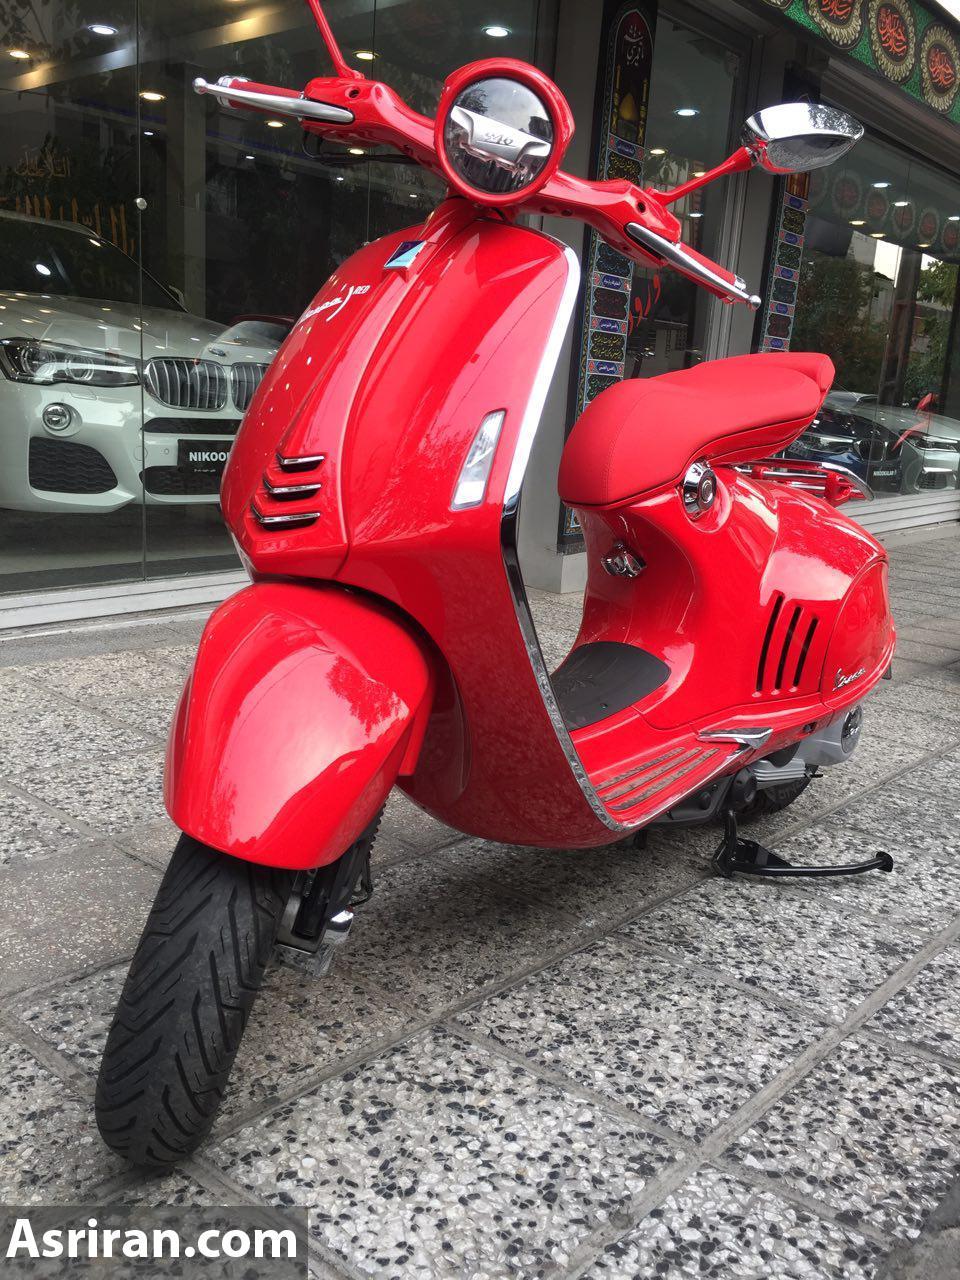 جزئیاتی در مورد موتورسیکلت 200 میلیون تومانی وسپا در ایران (+عکس)